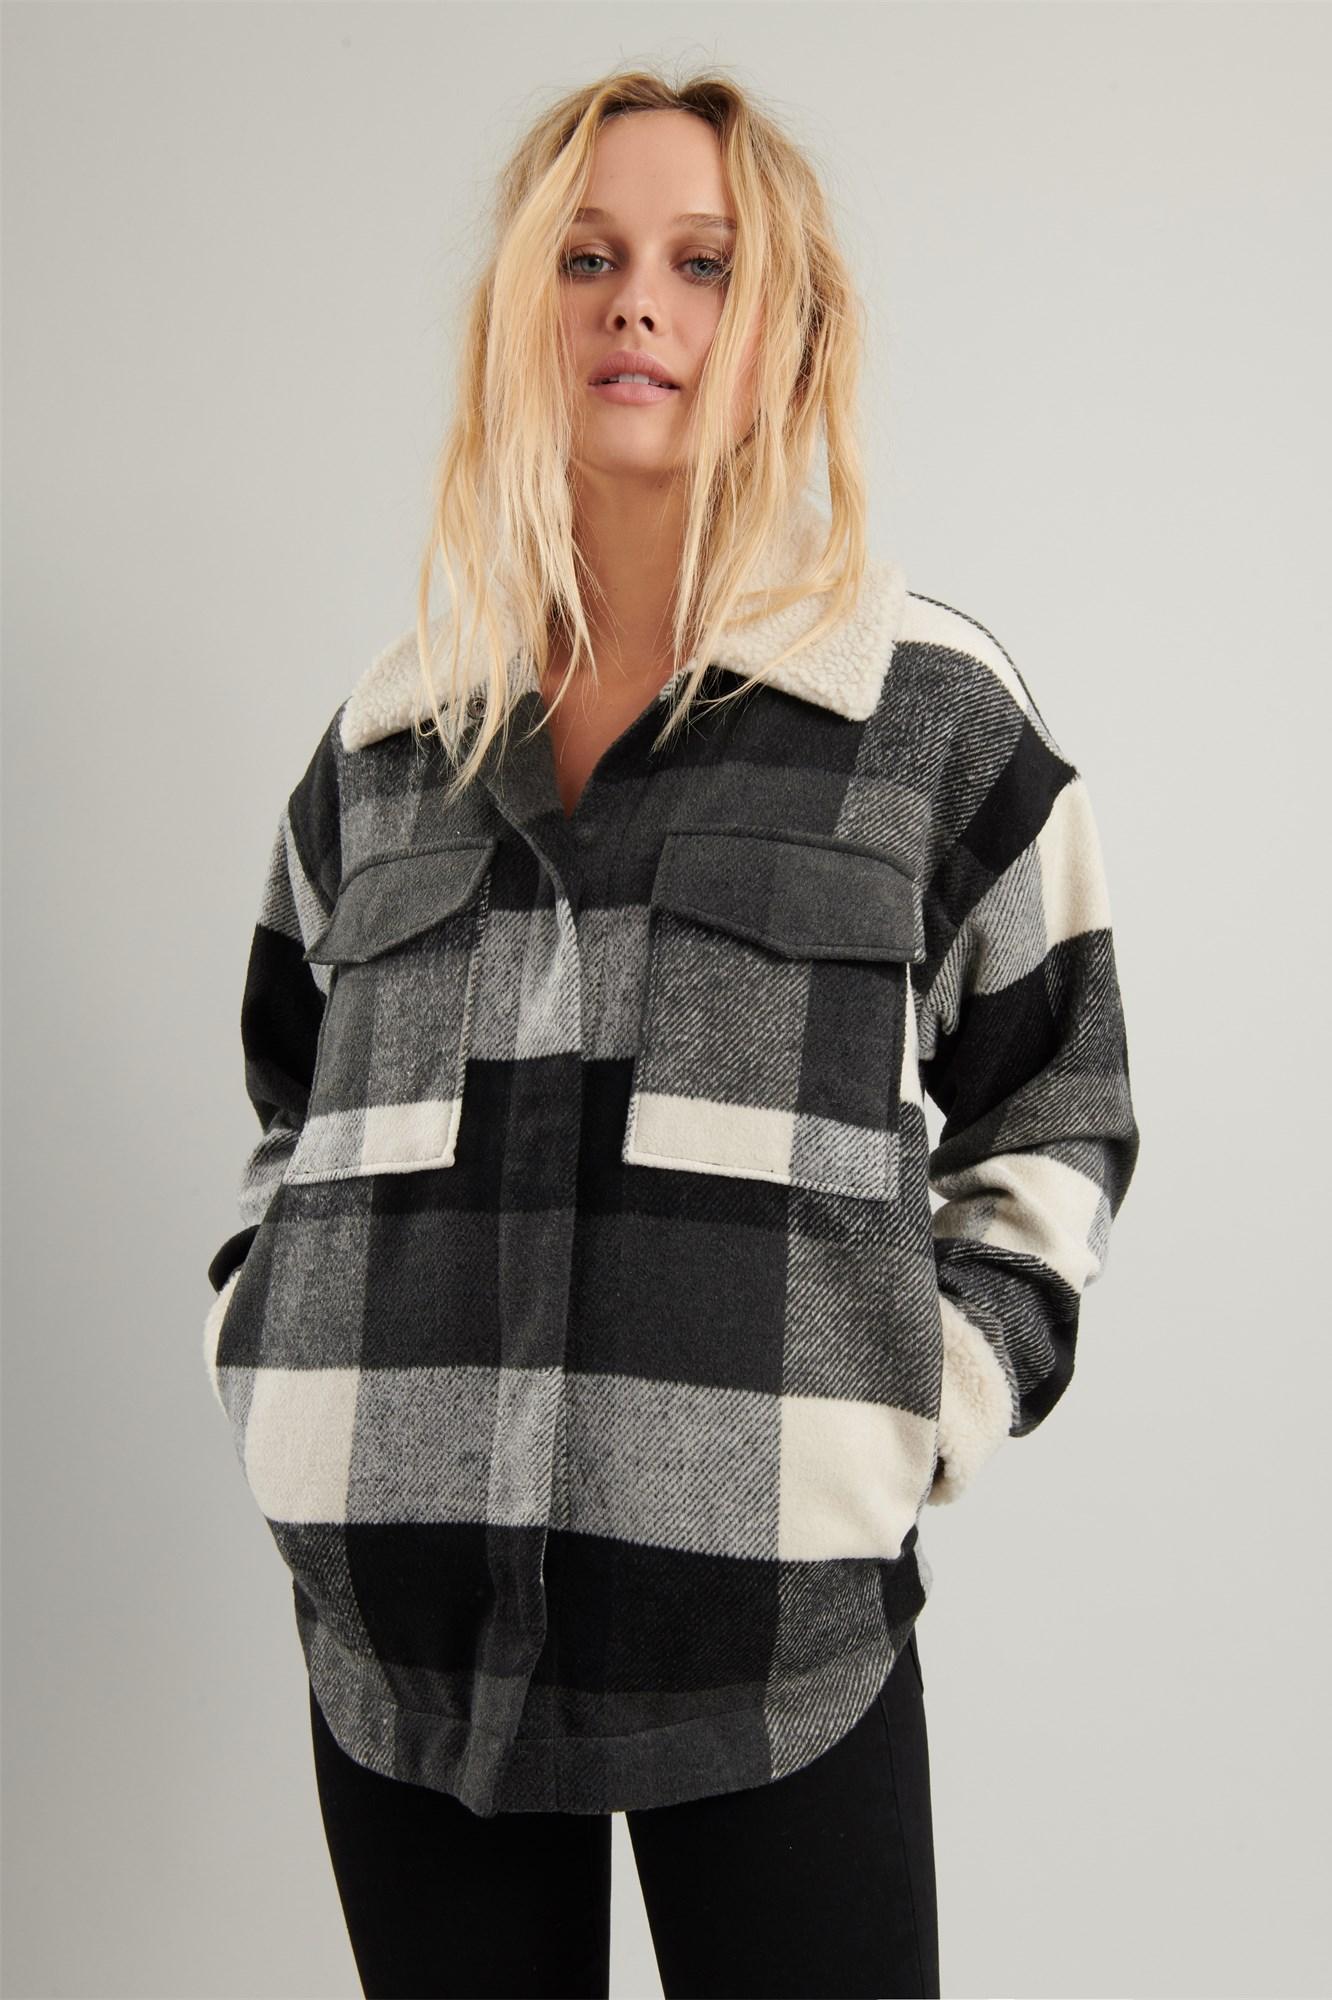 Image 5 of Plaid Shirt Jacket